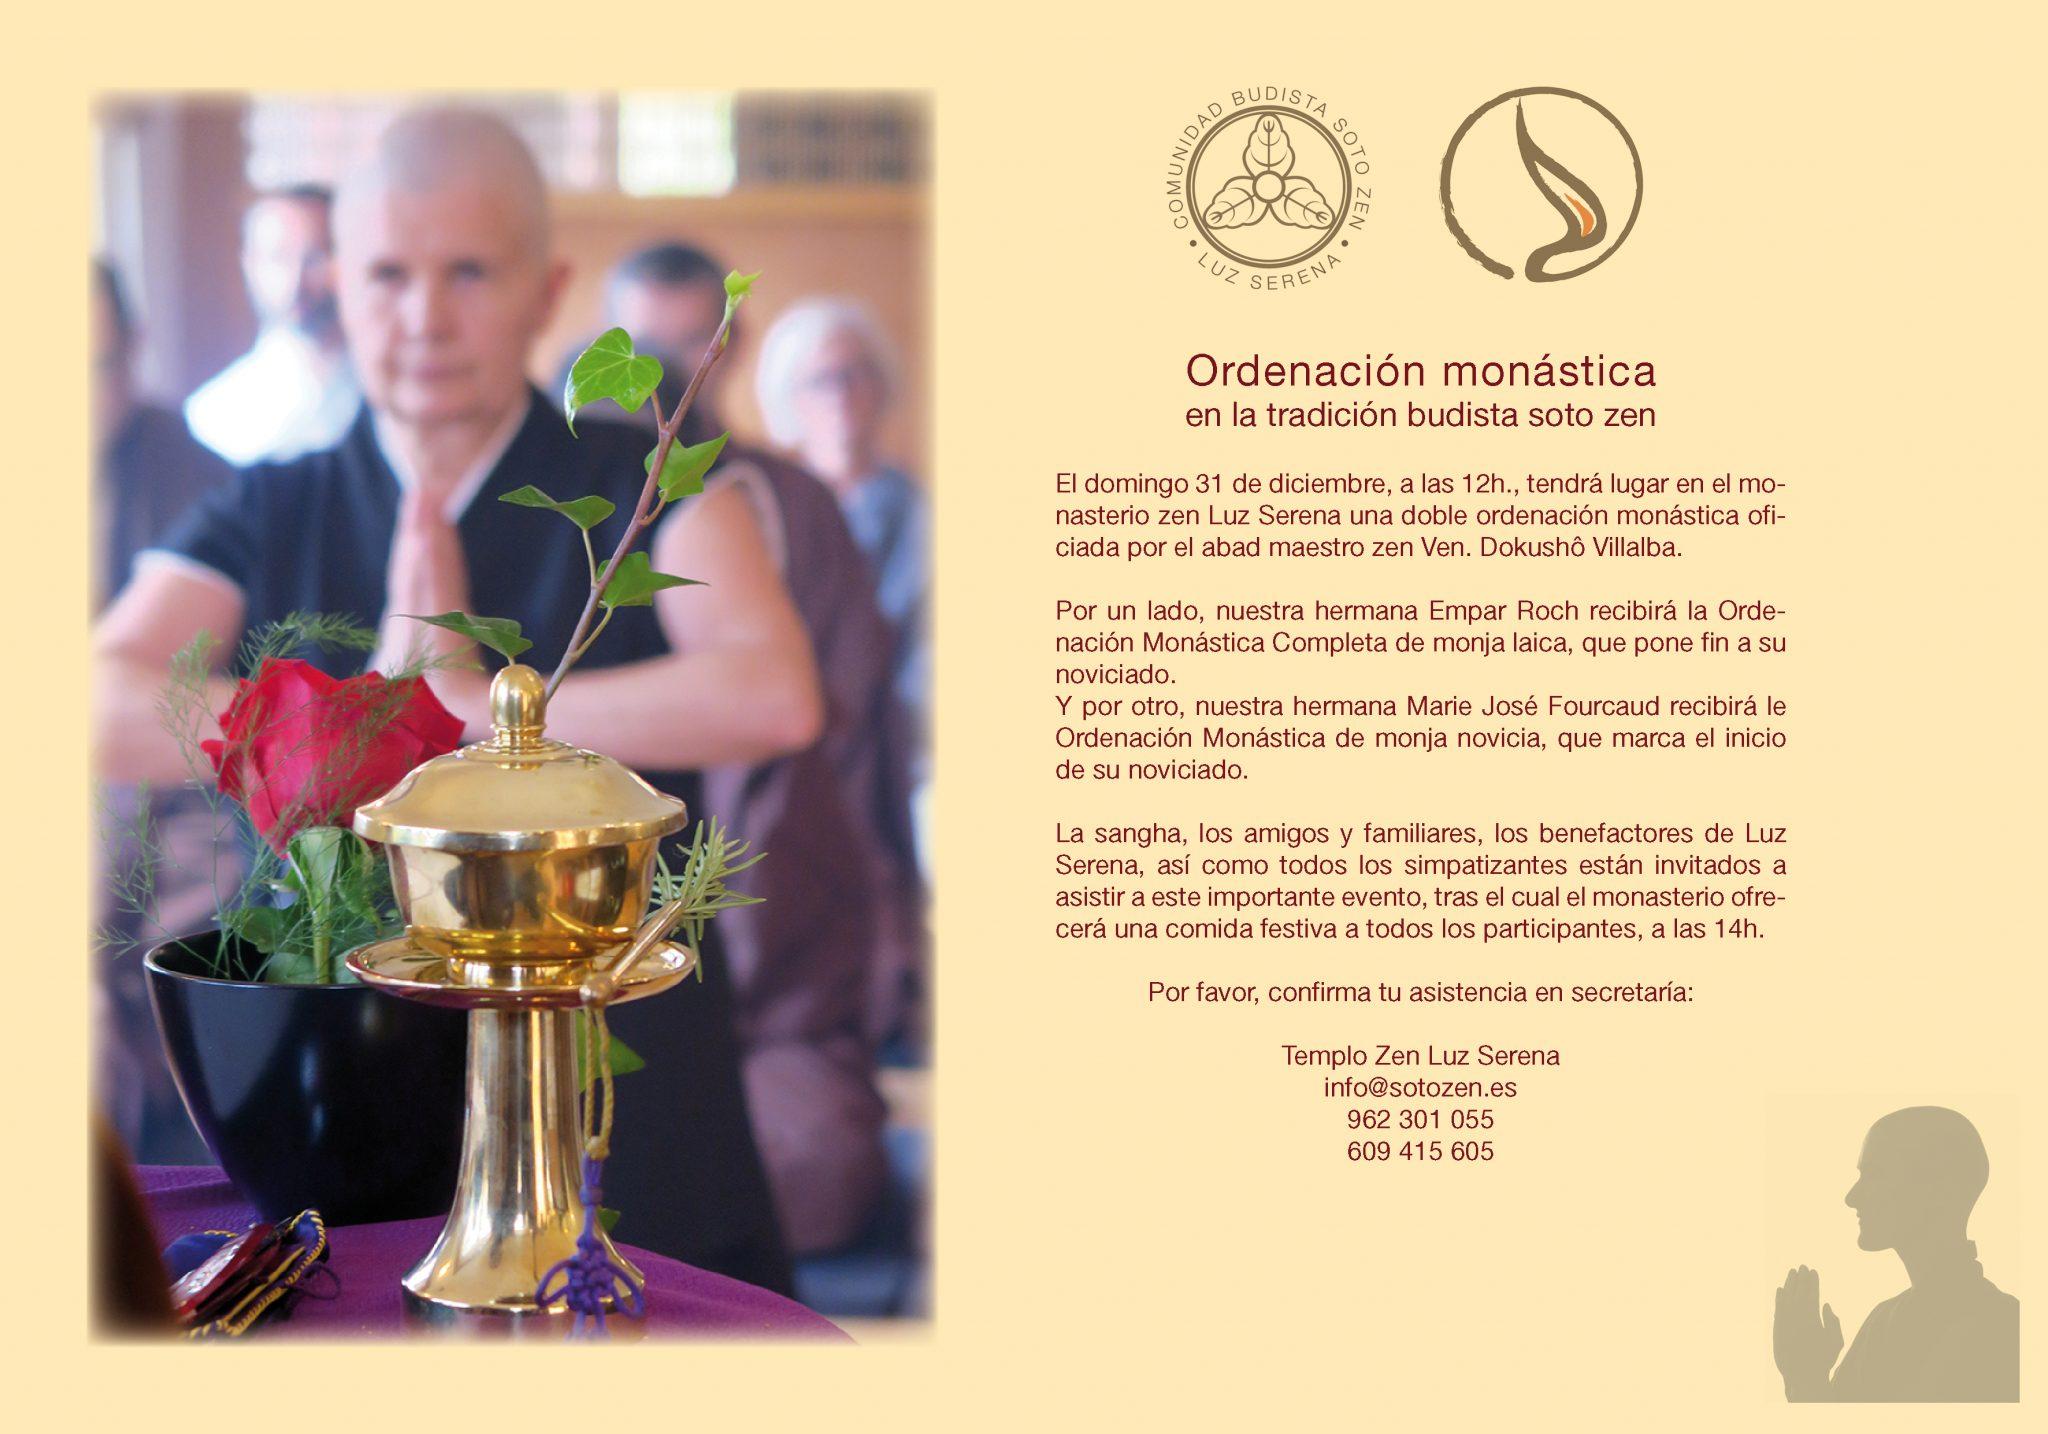 Ordenación monástica en la tradición budista soto zen